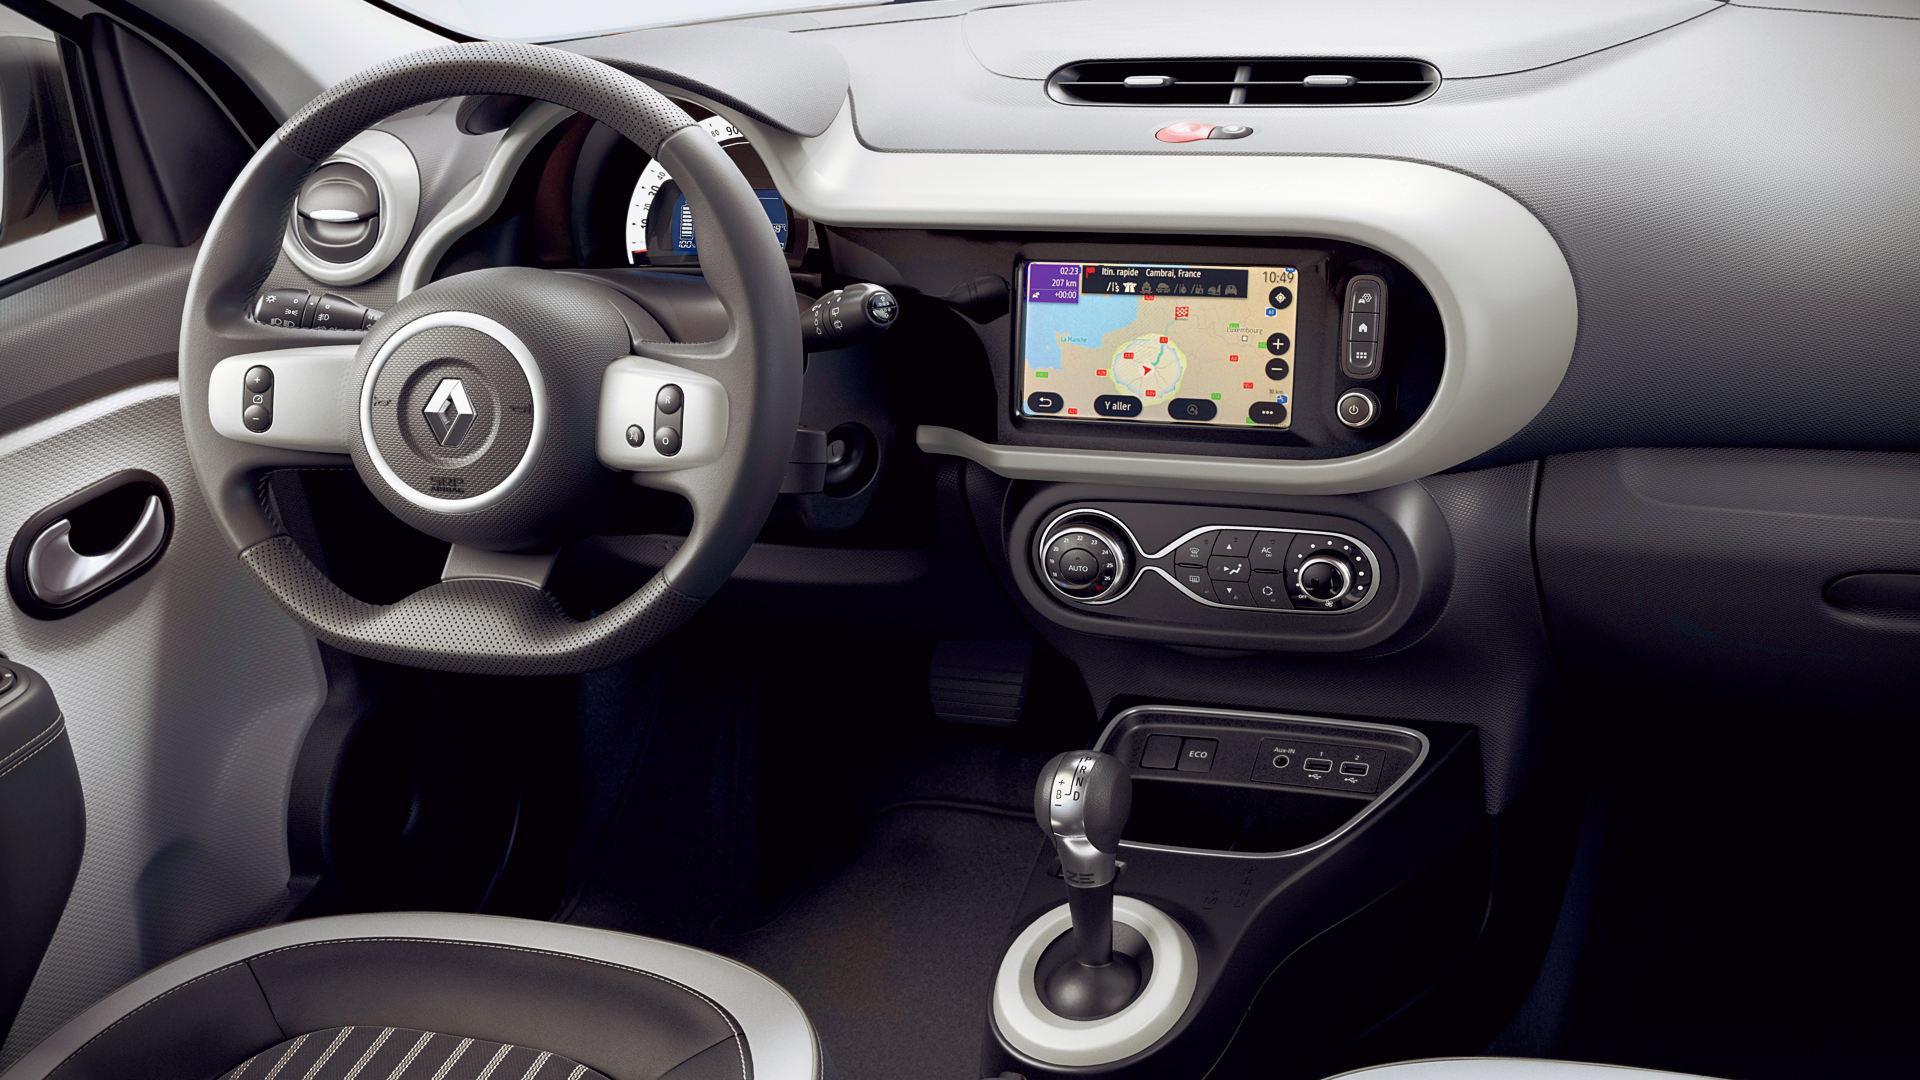 2020 Renault Twingo ZE Interior Wallpaper Hd